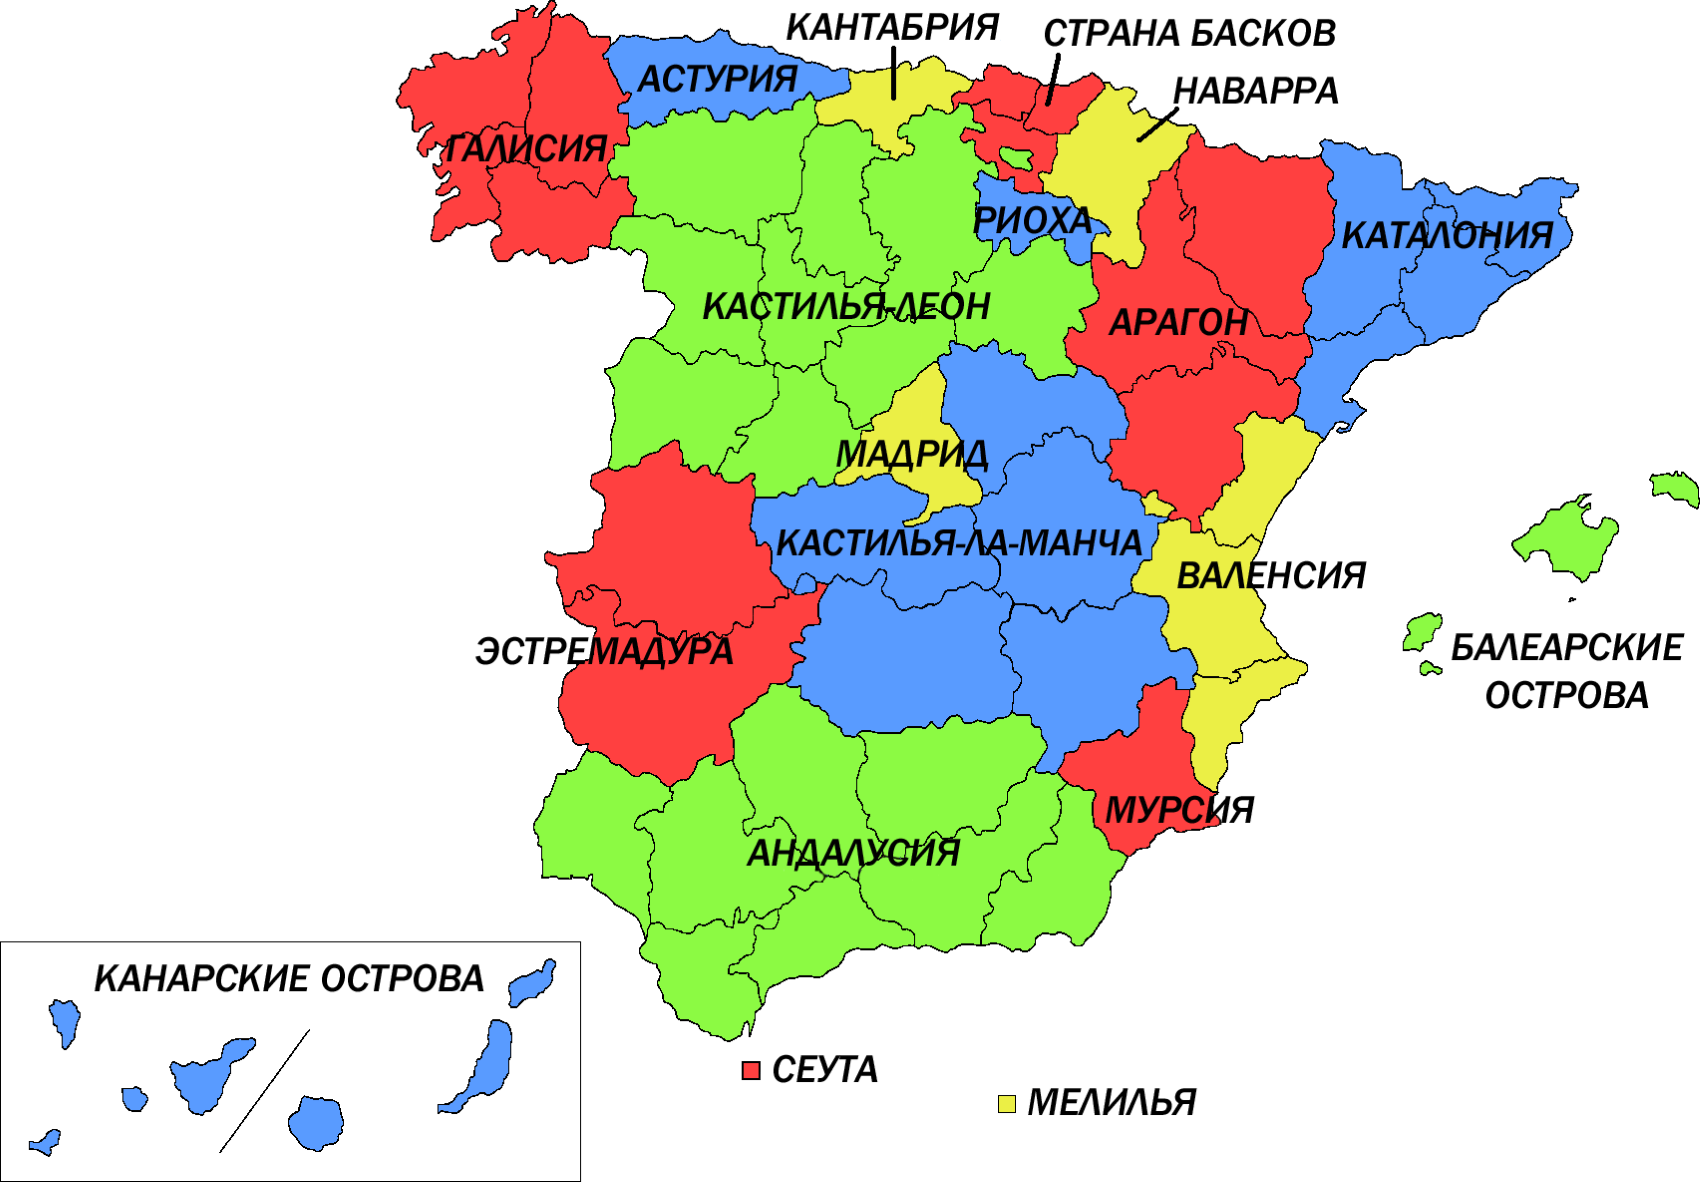 Карта Испании. Столица - Мадрид.